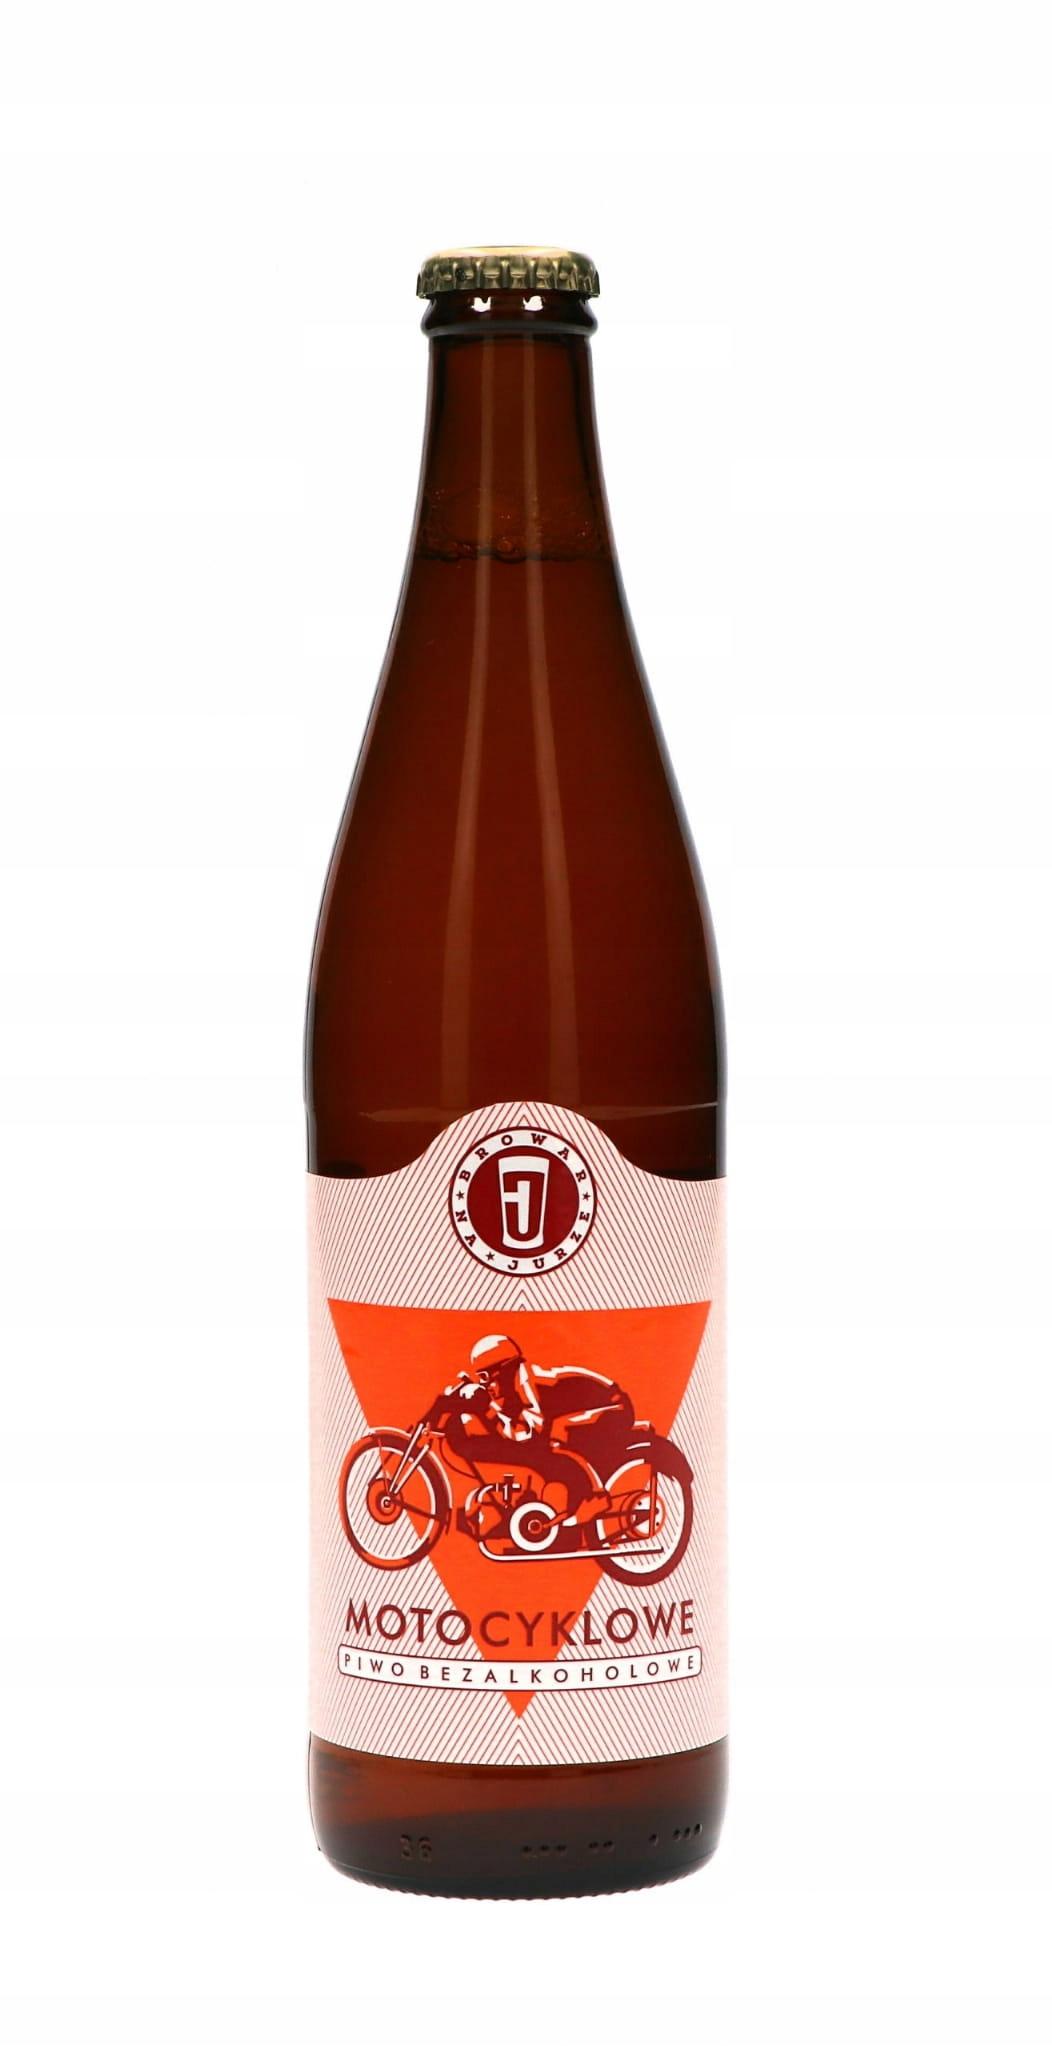 Piwo Motocyklowe, Na Jurze 500ml